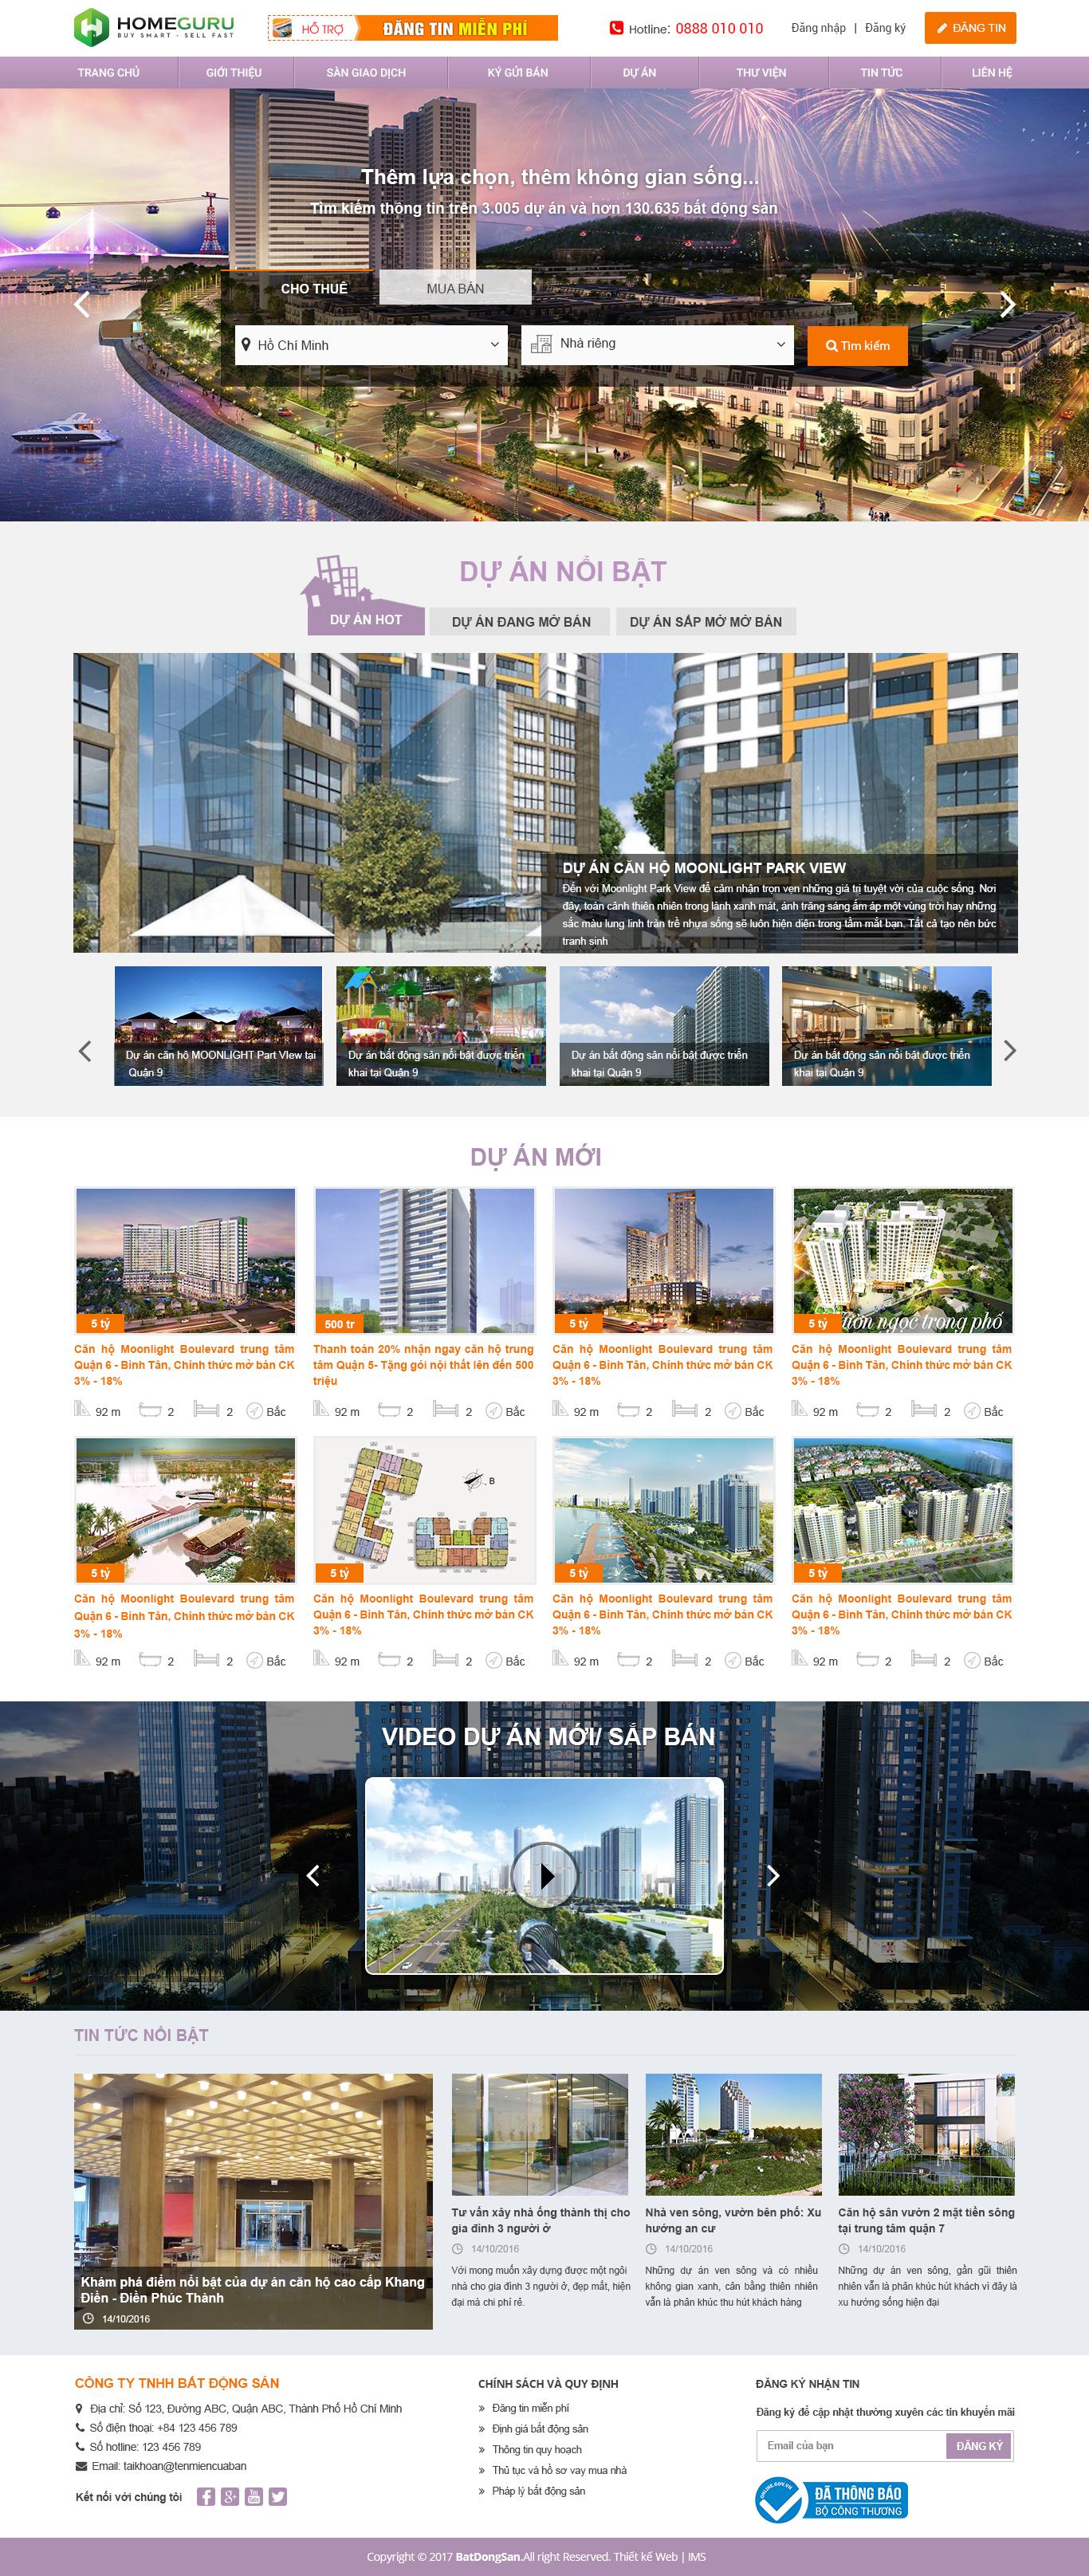 thiết kế website bất động sản - Nhà đất